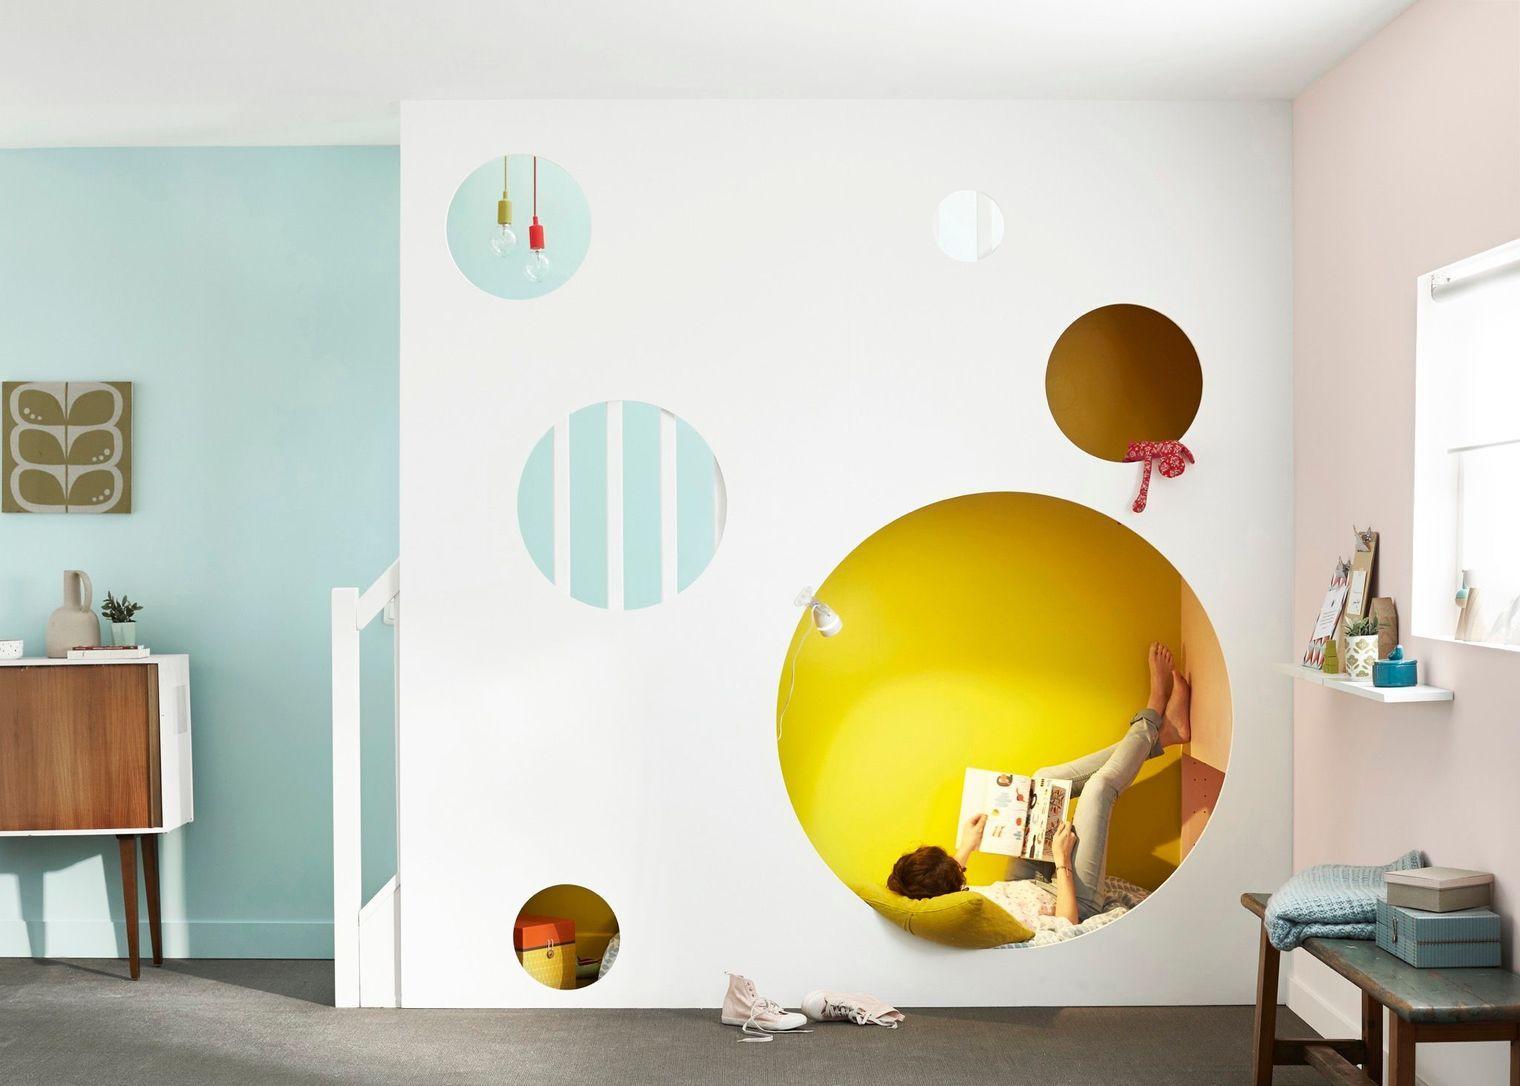 Amenagement Recoin Espace Perdu Toutes Nos Idees Deco Decoration Maison Decoration Escalier Coin Lecture Enfants